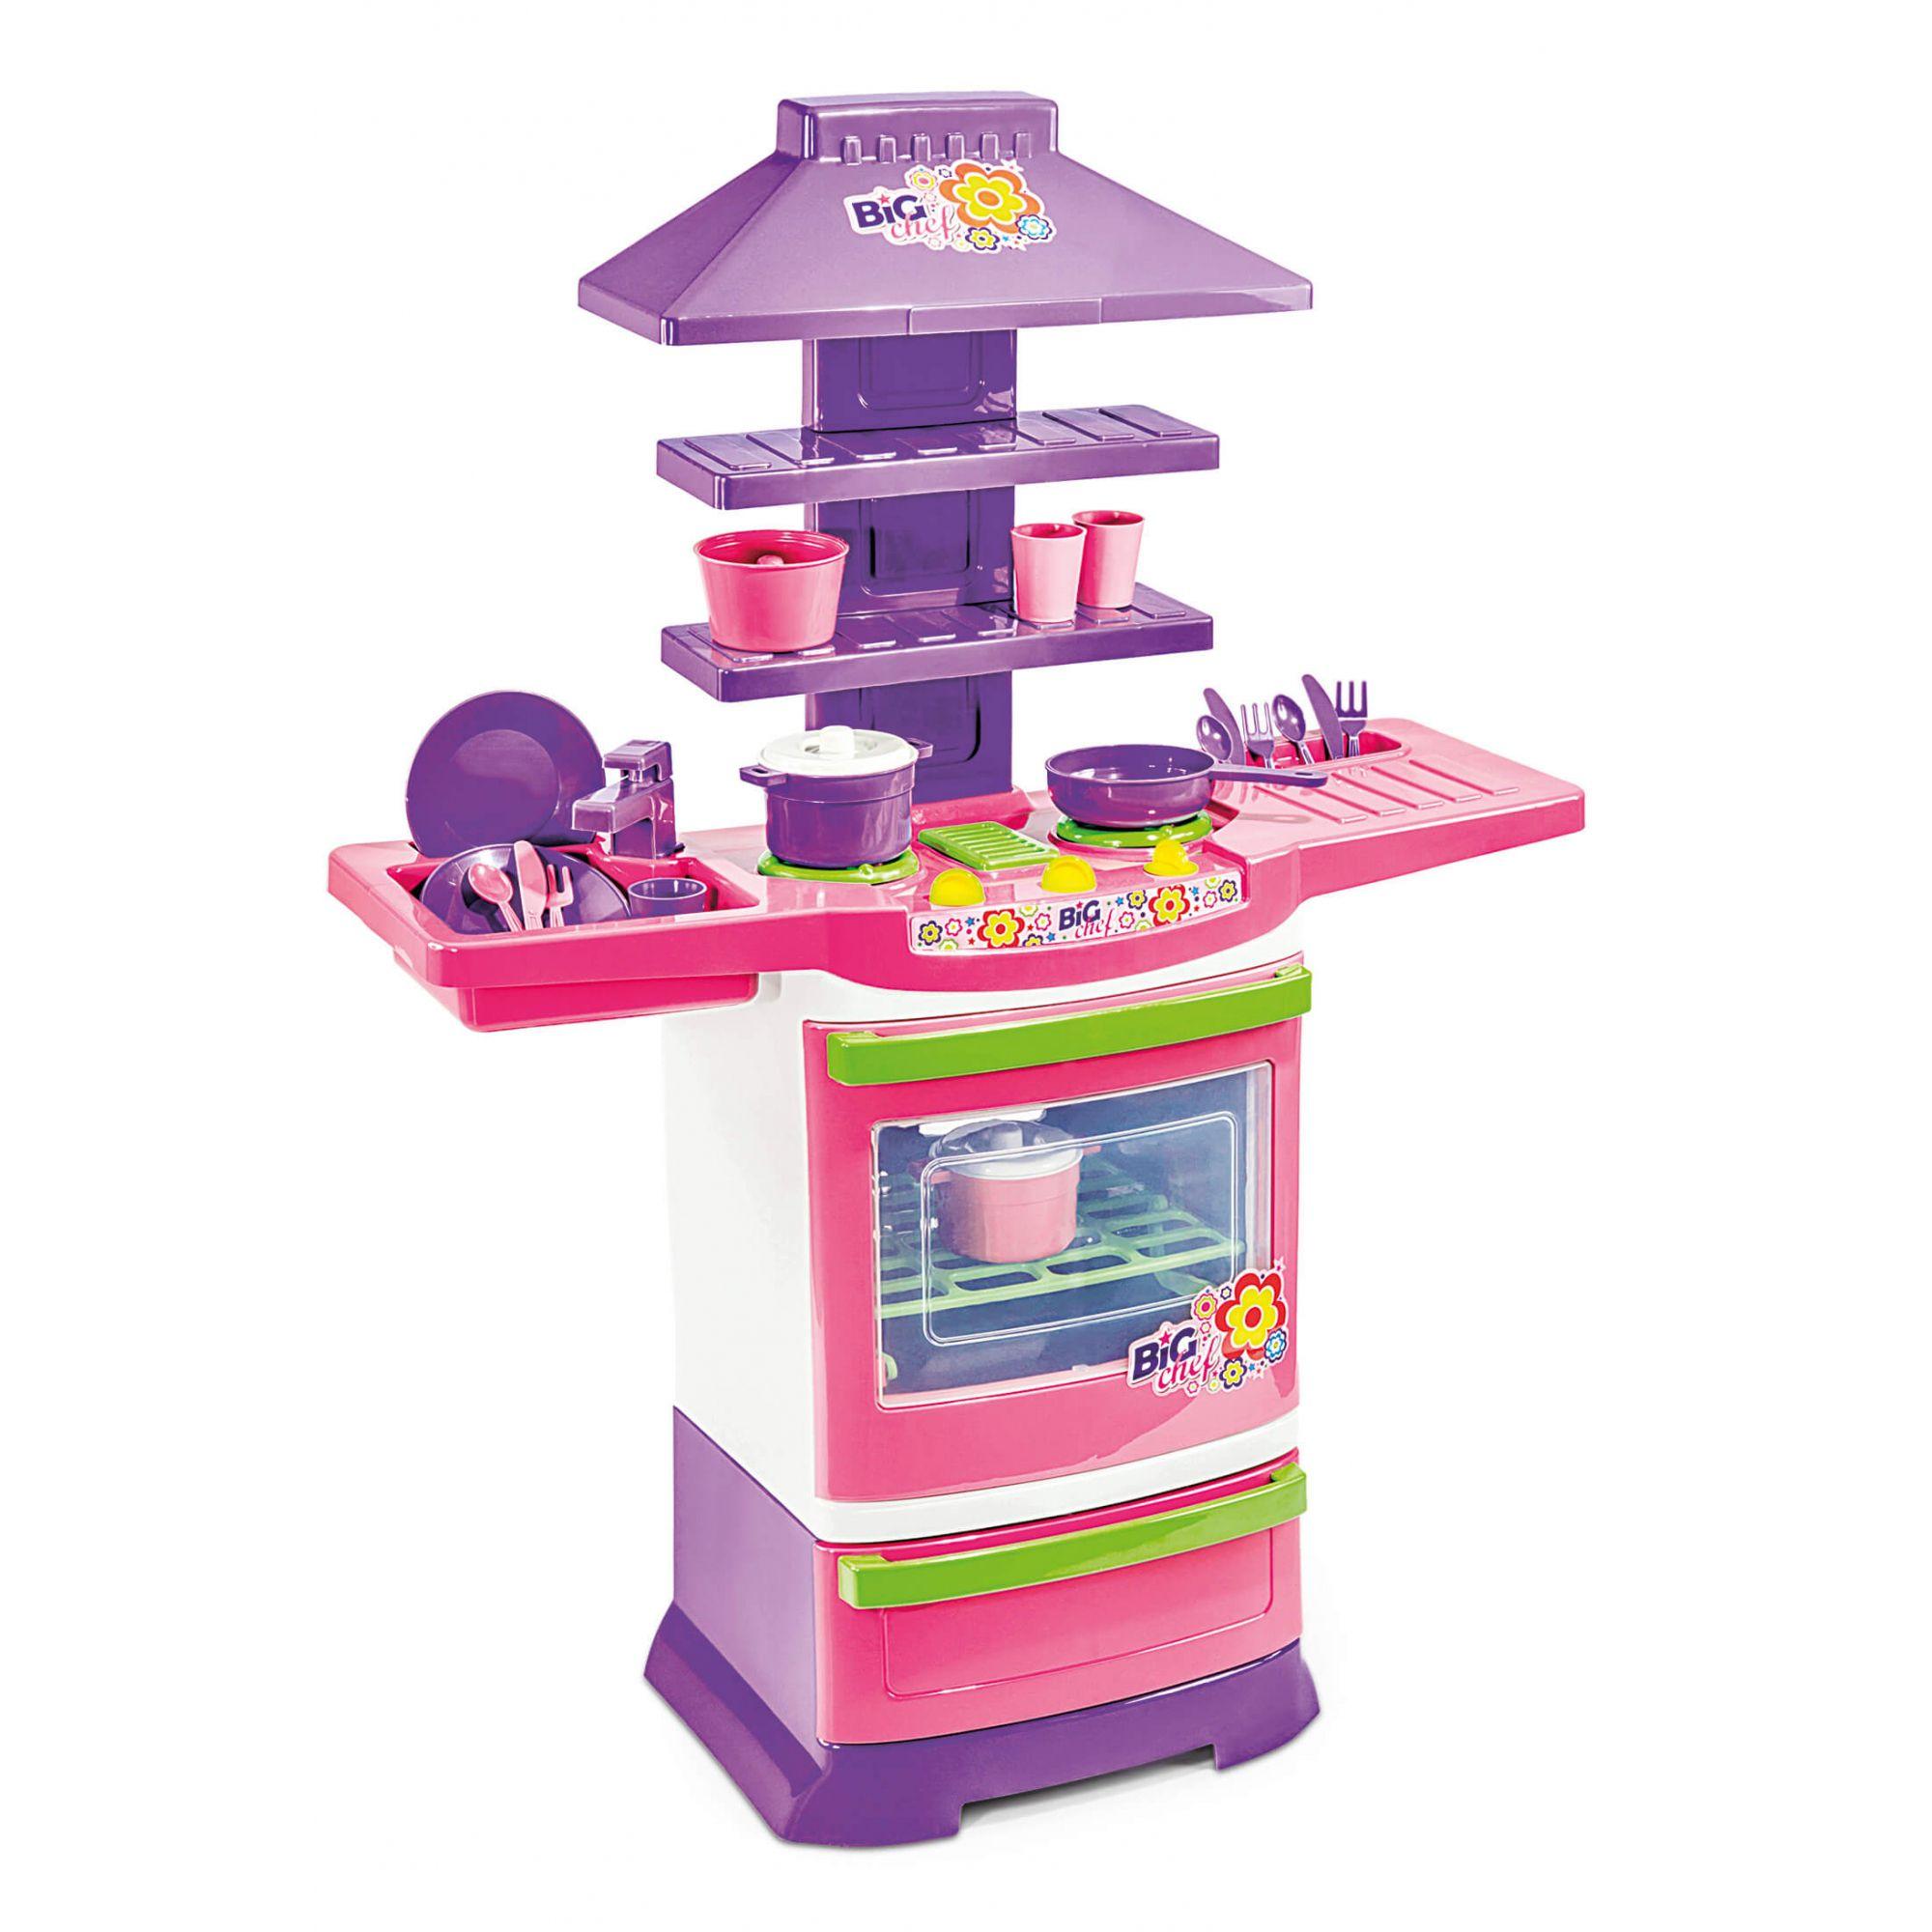 Master Fogão Big Chef 5566 Poliplac